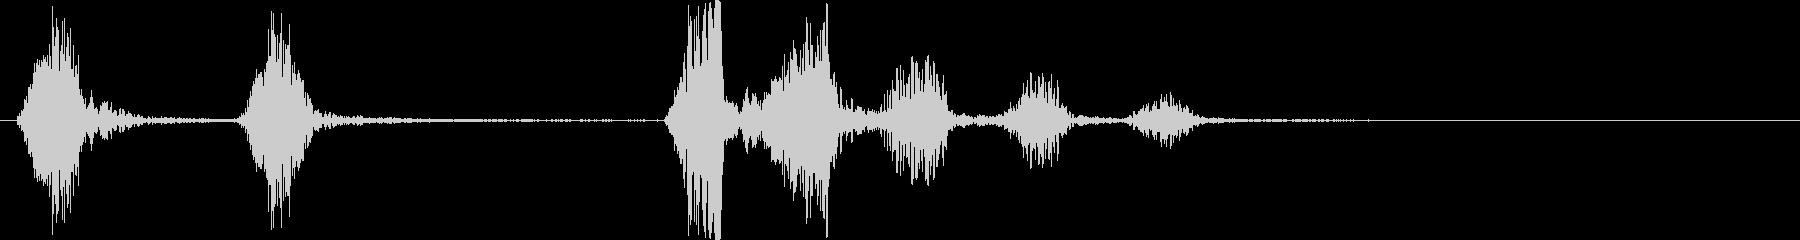 小型犬のbarえ声の未再生の波形